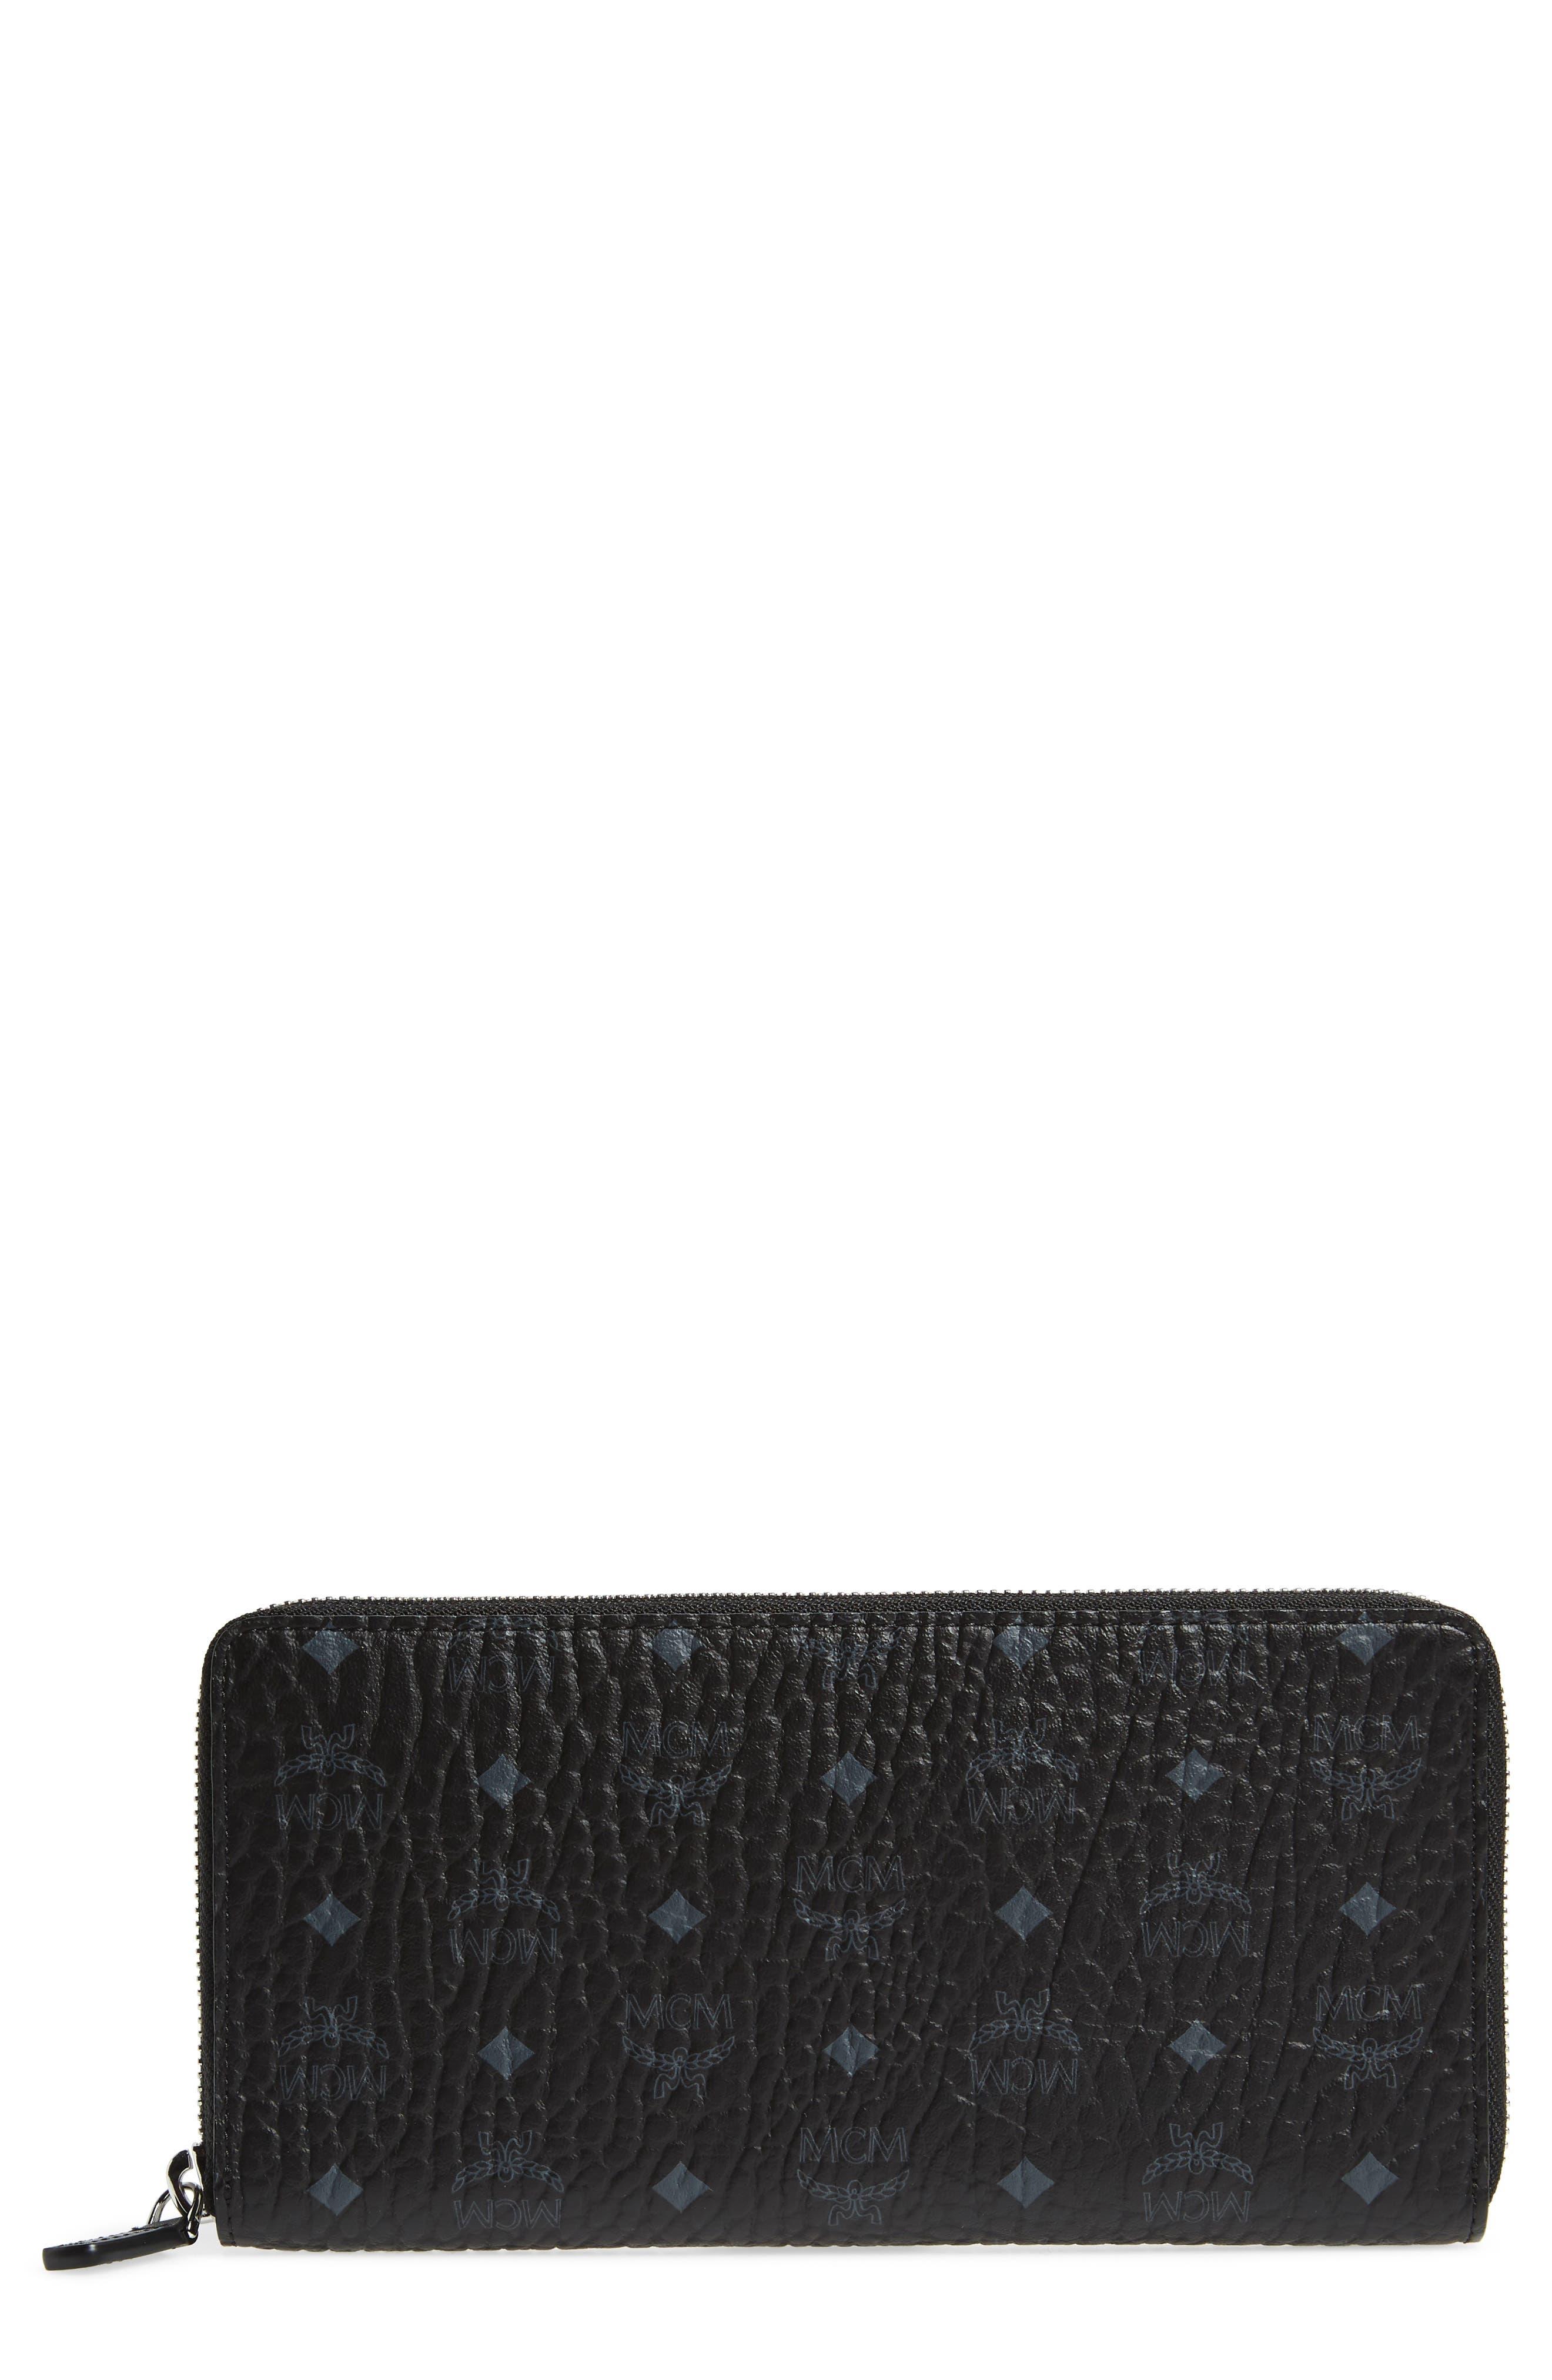 MCM Visetos Original Zip Around Coated Canvas Wallet, Main, color, BLACK